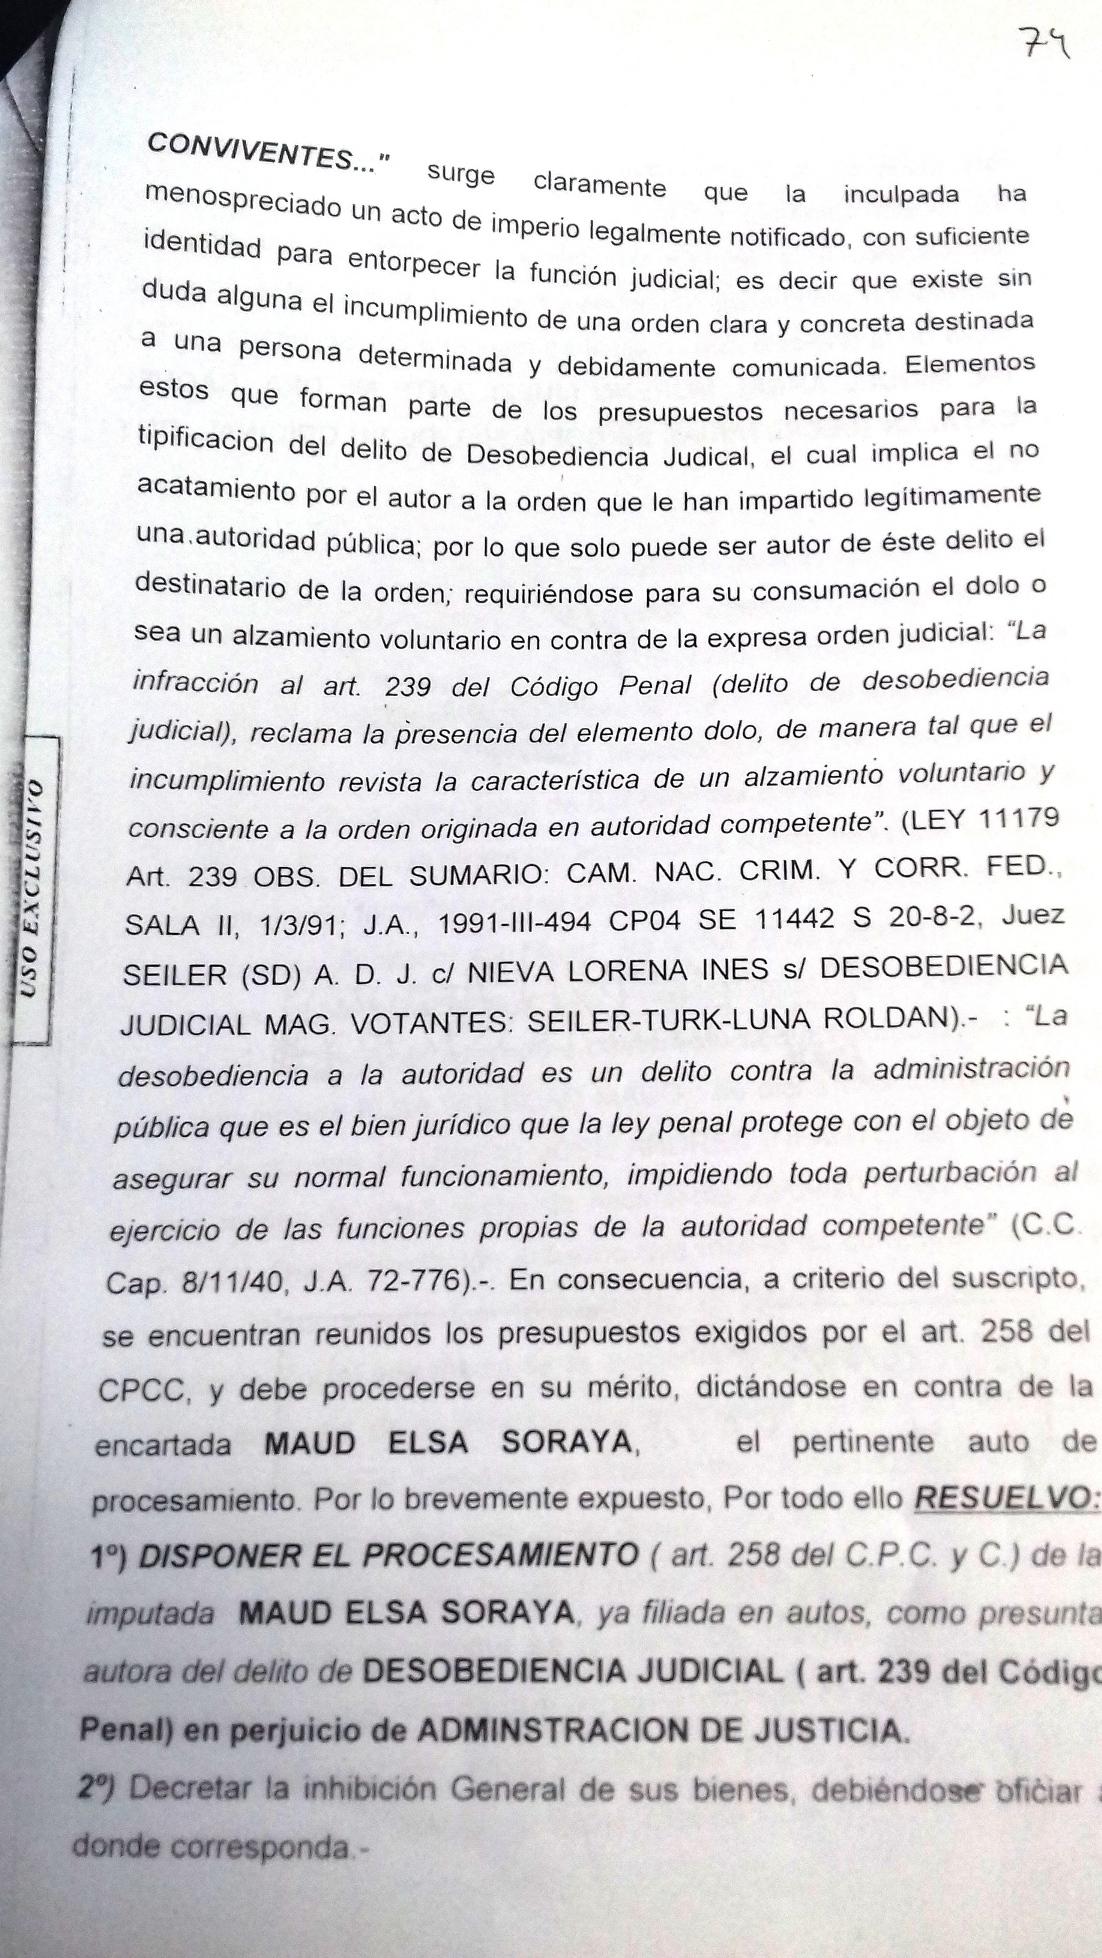 documentos-infante-maud-25